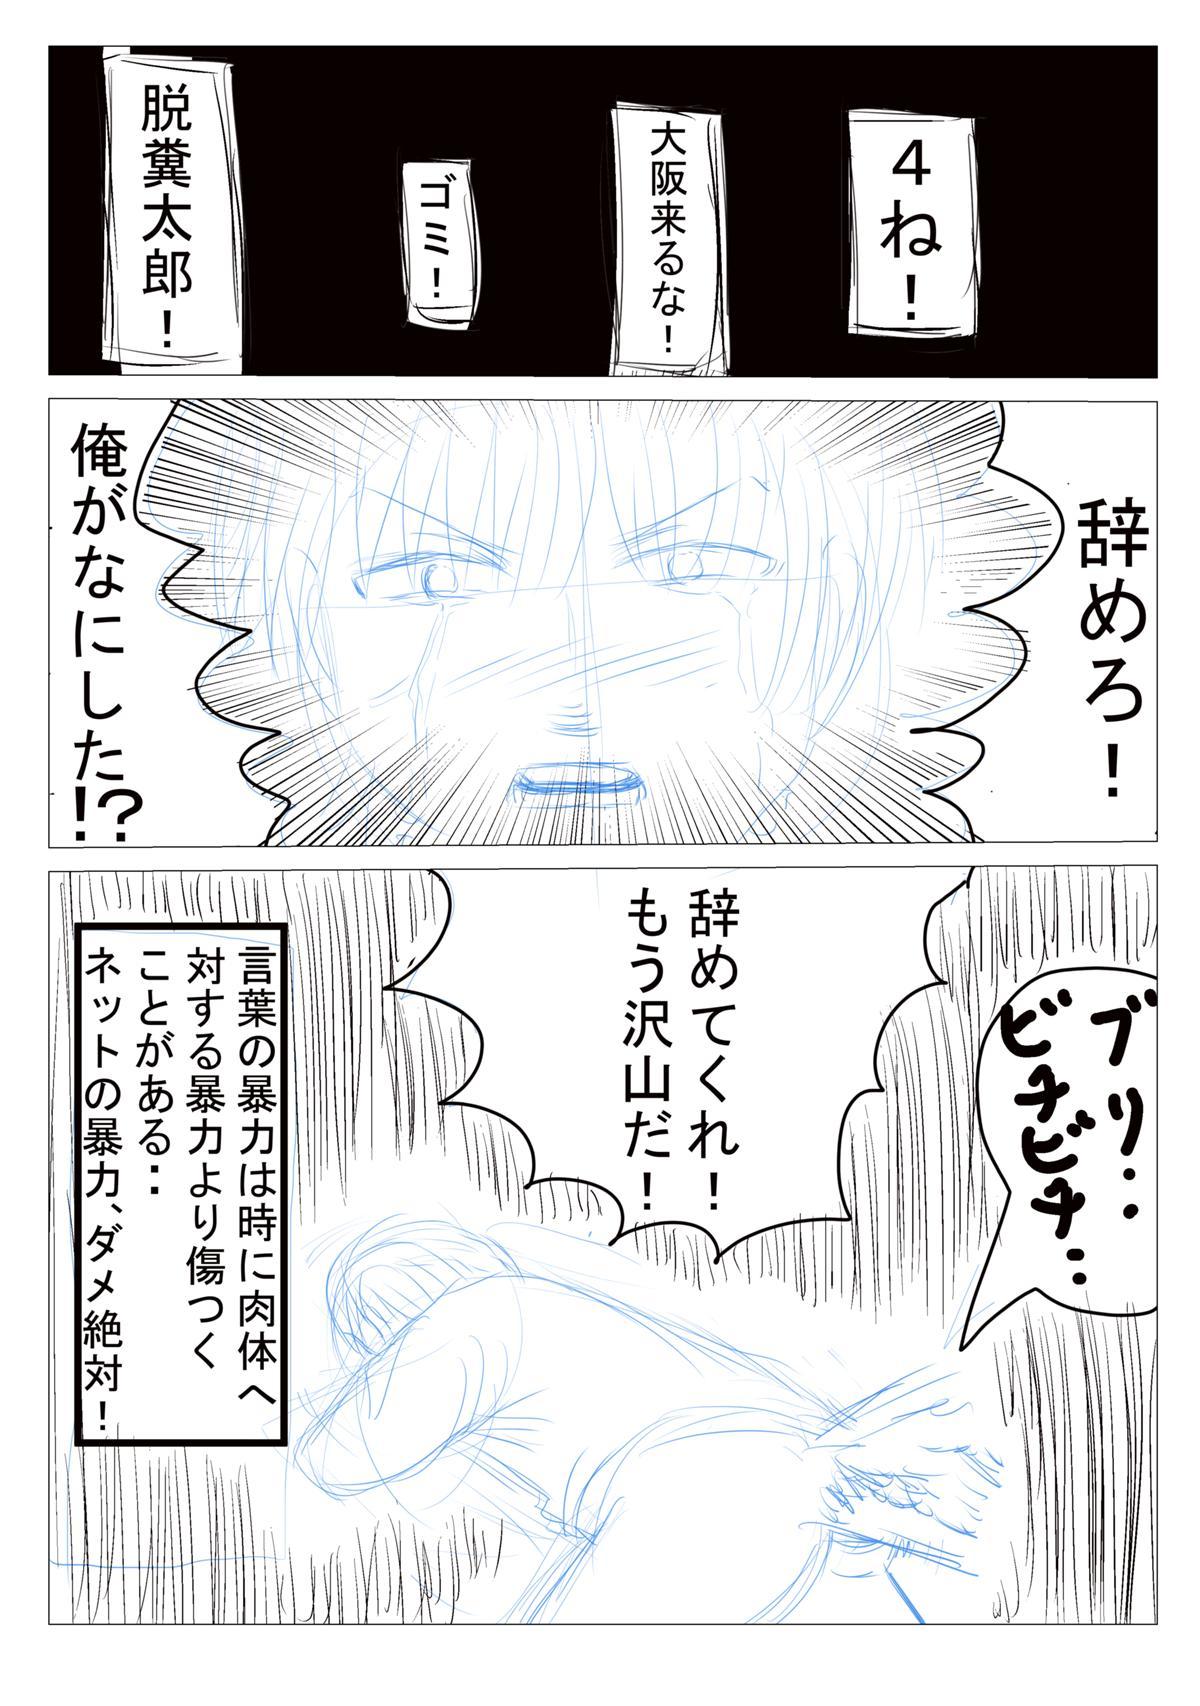 とあるニート42・・ネットでの言葉の暴力ダメ・絶対!!